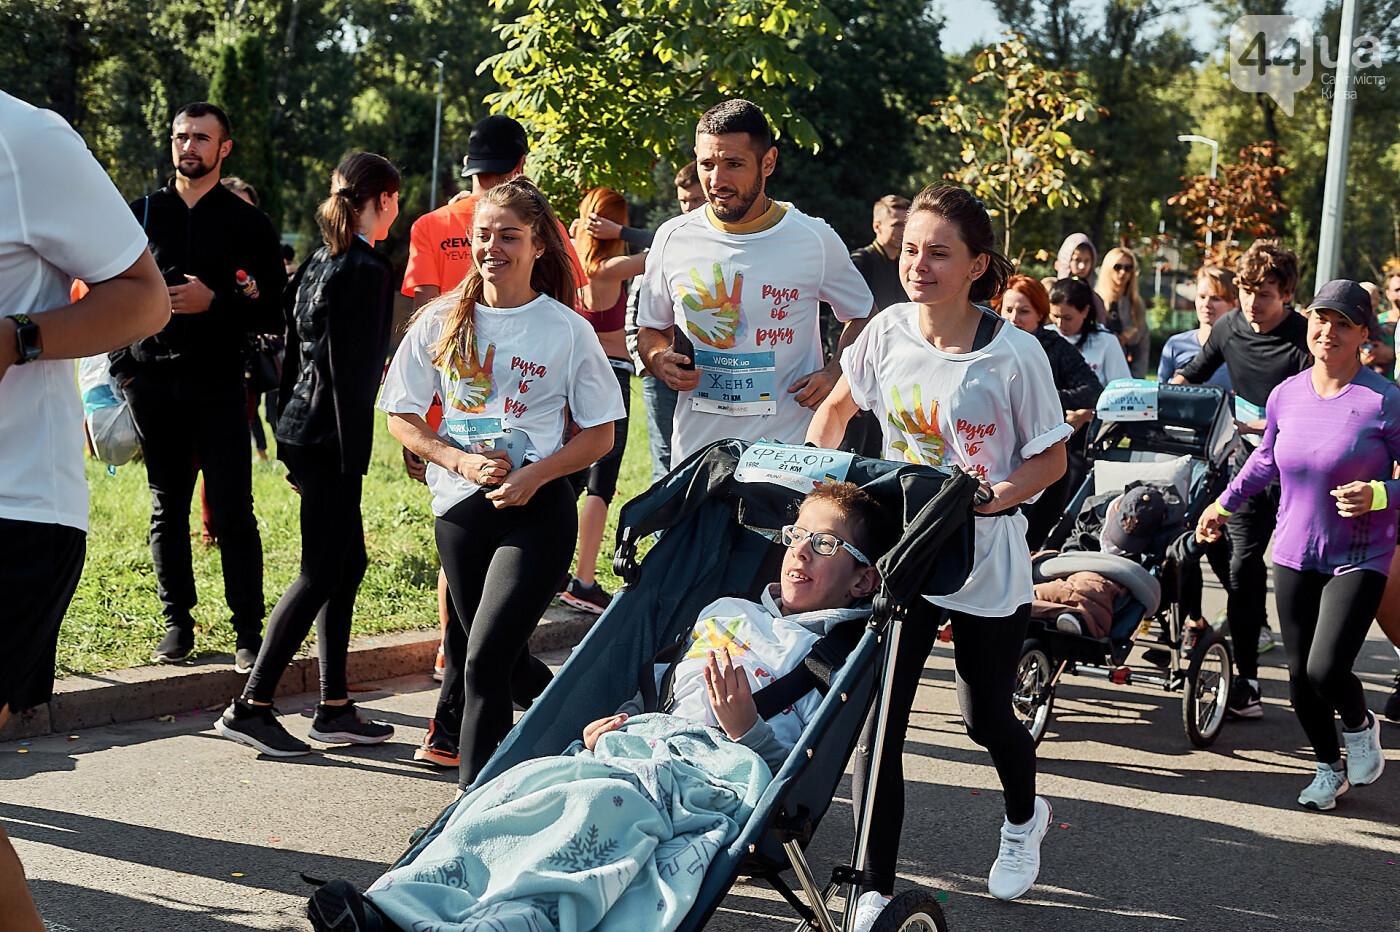 6000 бегунов из 38 стран: на выходных состоялся самый большой онлайн-забег Украины, фото-2